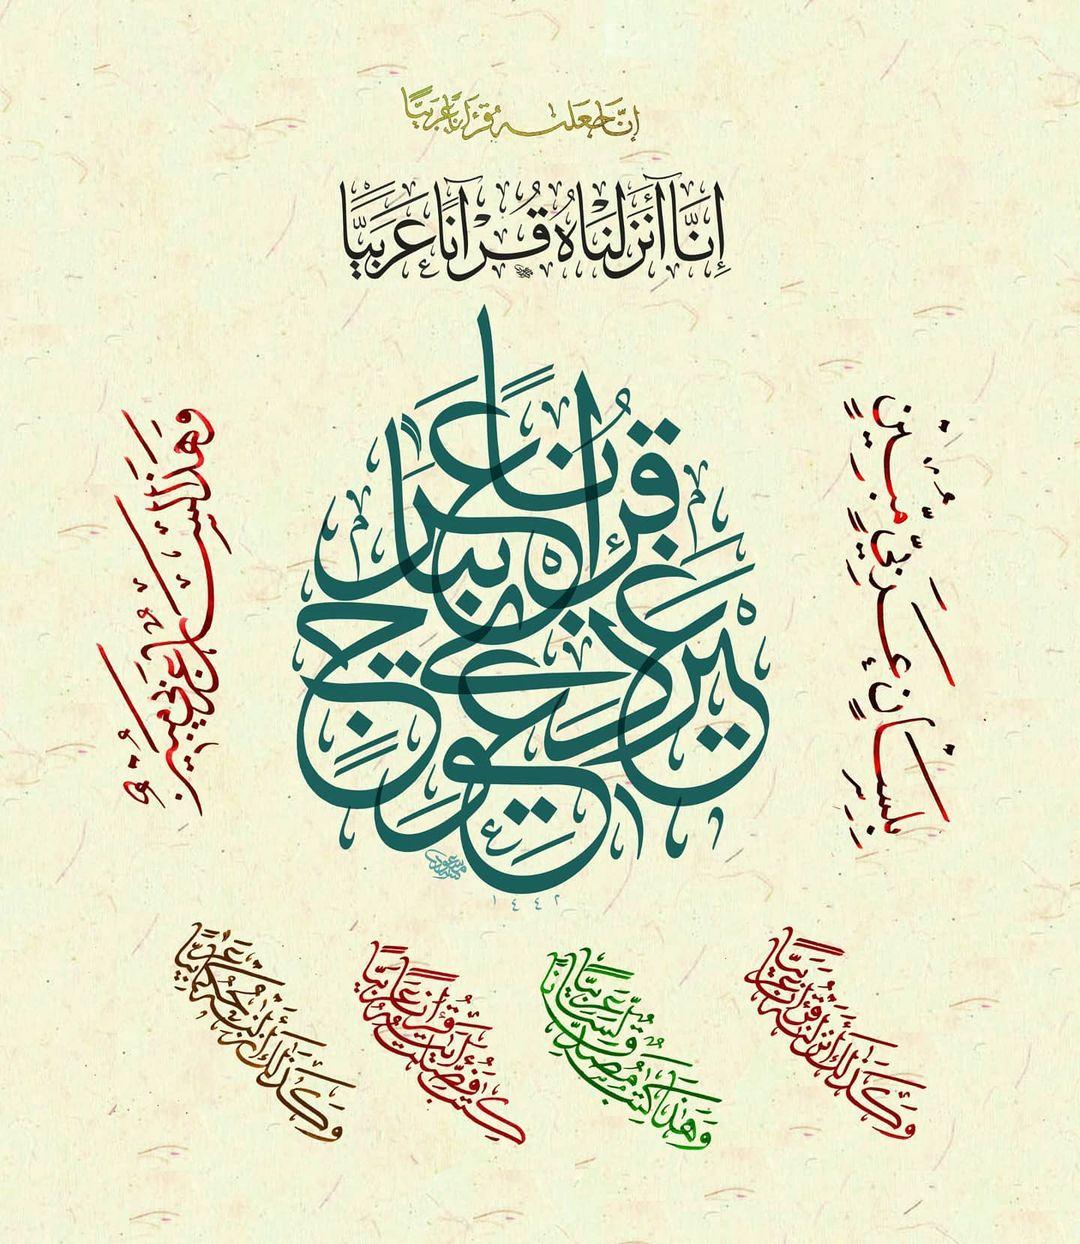 Download Kaidah Kaligrafi dan Karya Naskhi Tsulust #اليوم_العالمي_للغة_العربية #بيان #لغتي_هويتي #لغة_الضاد#…-alkhattatmasud